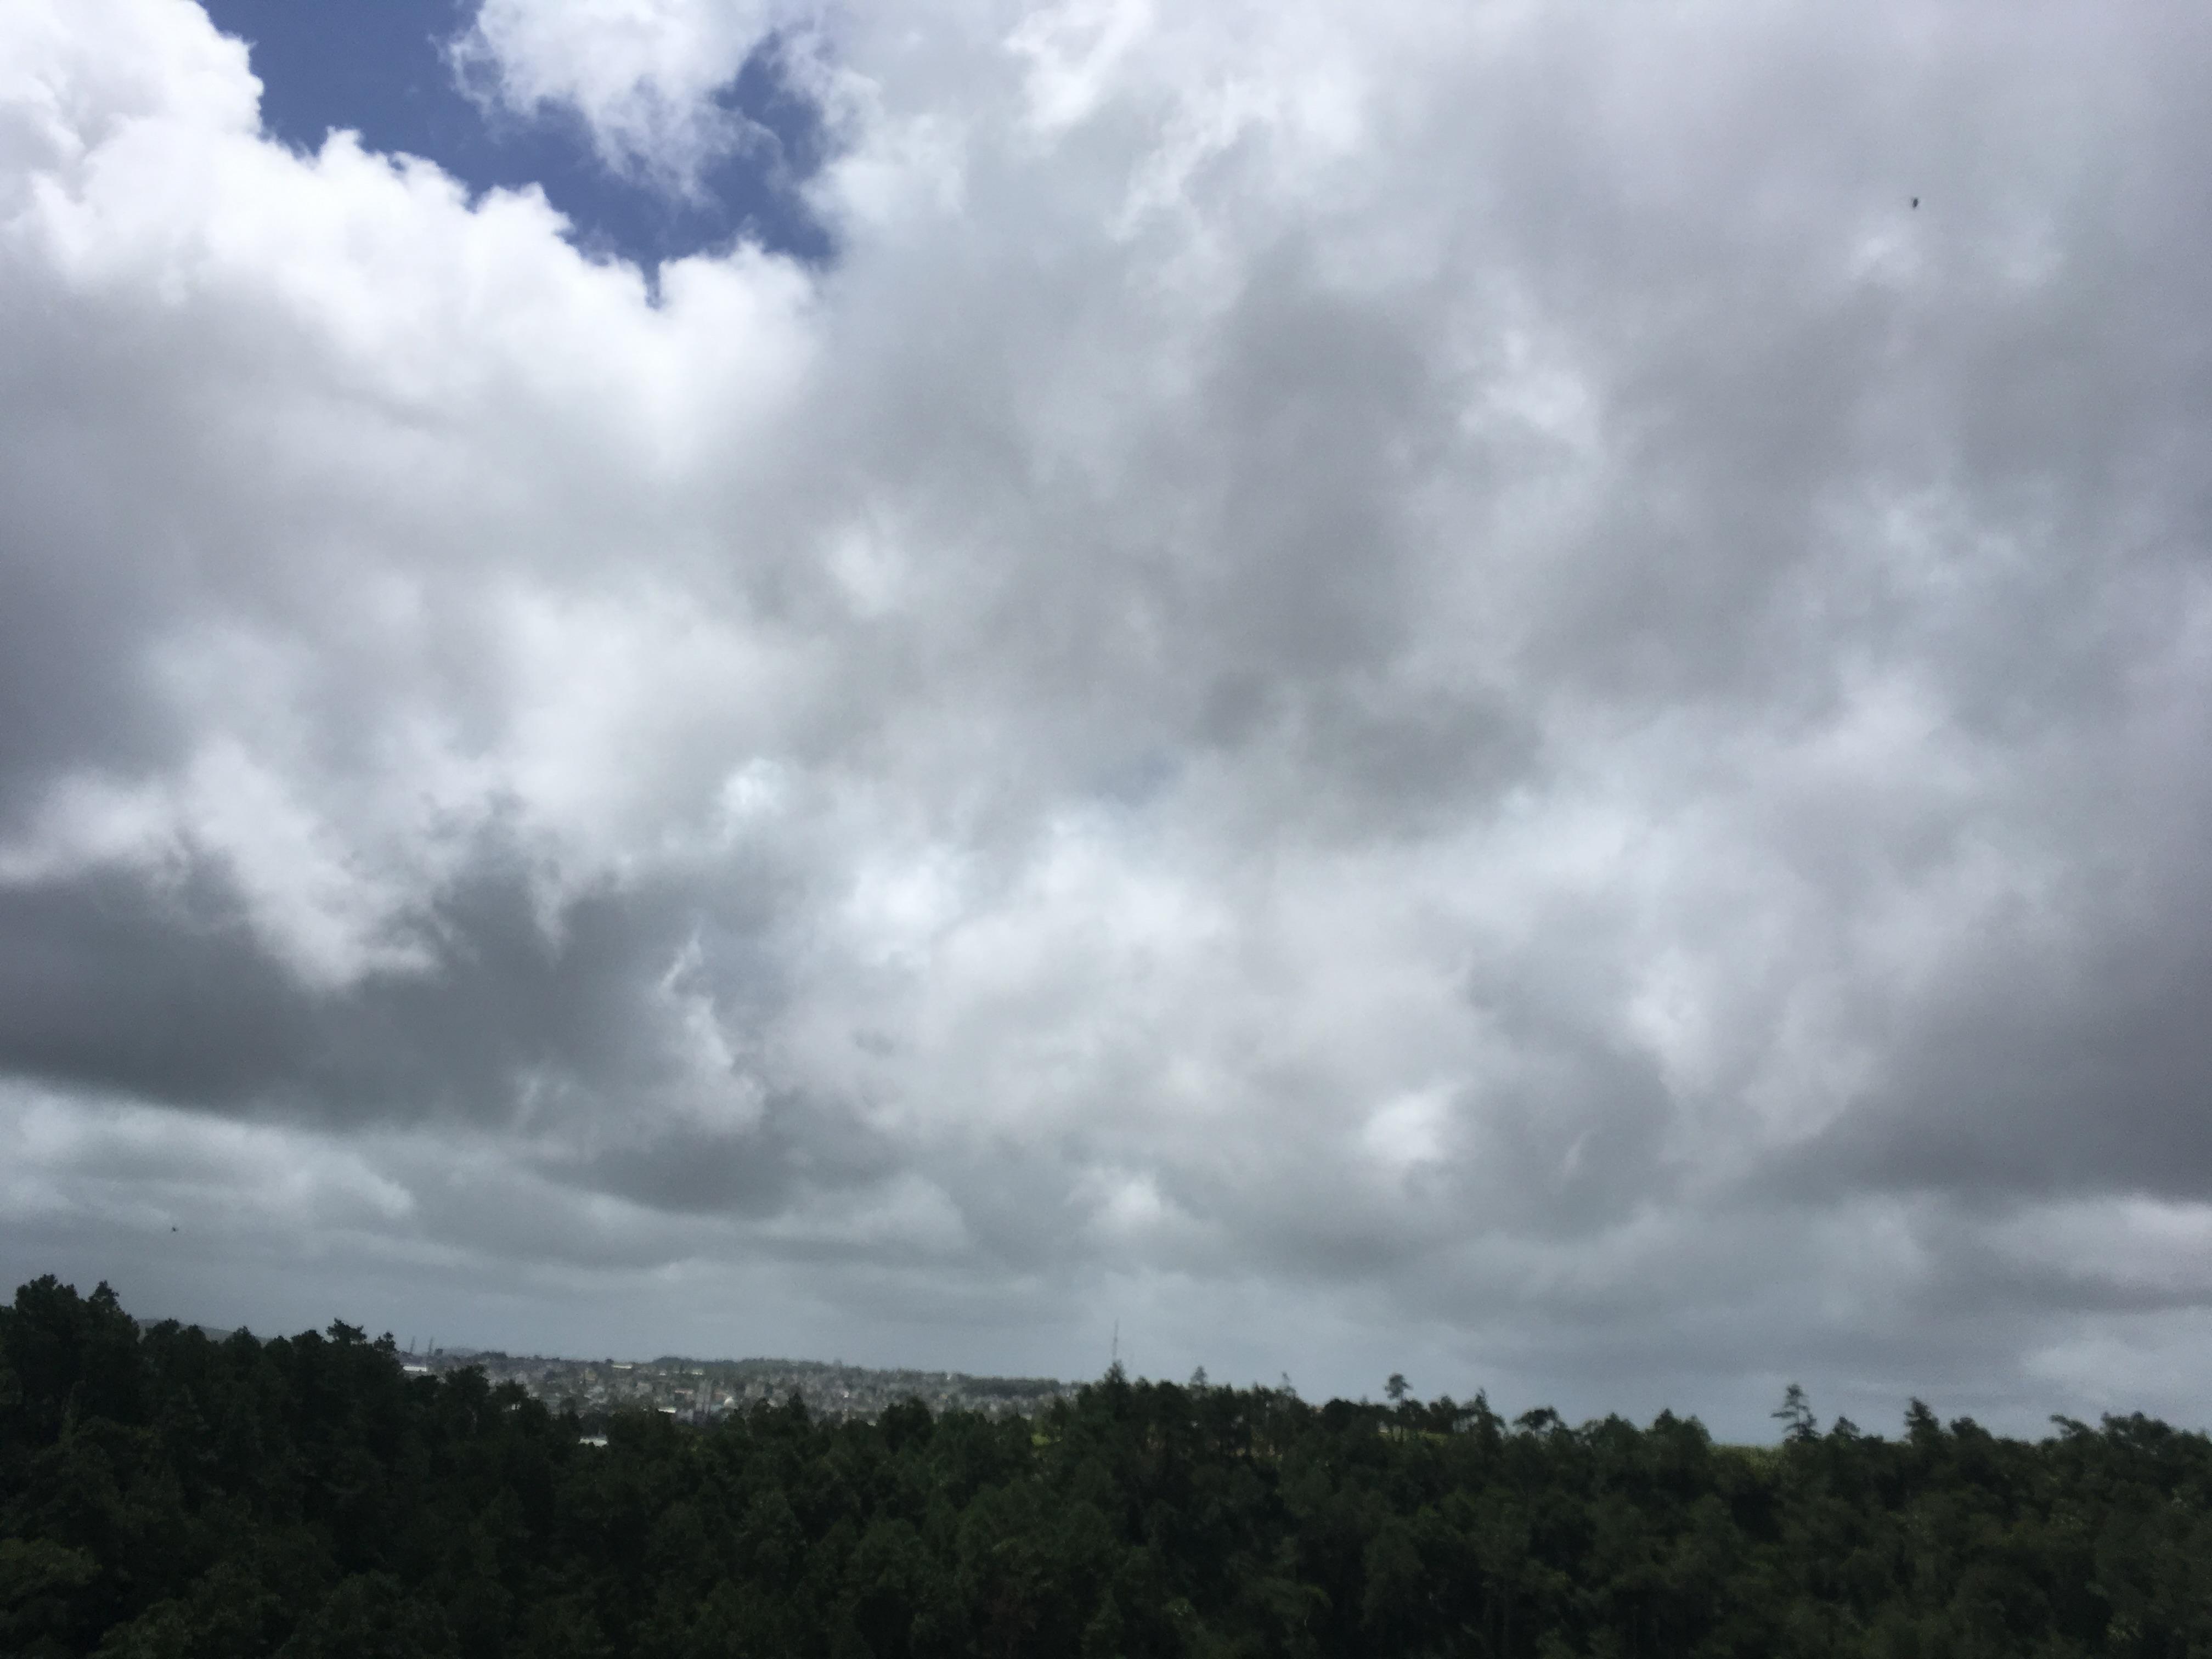 CloudySkyAroundVolcano